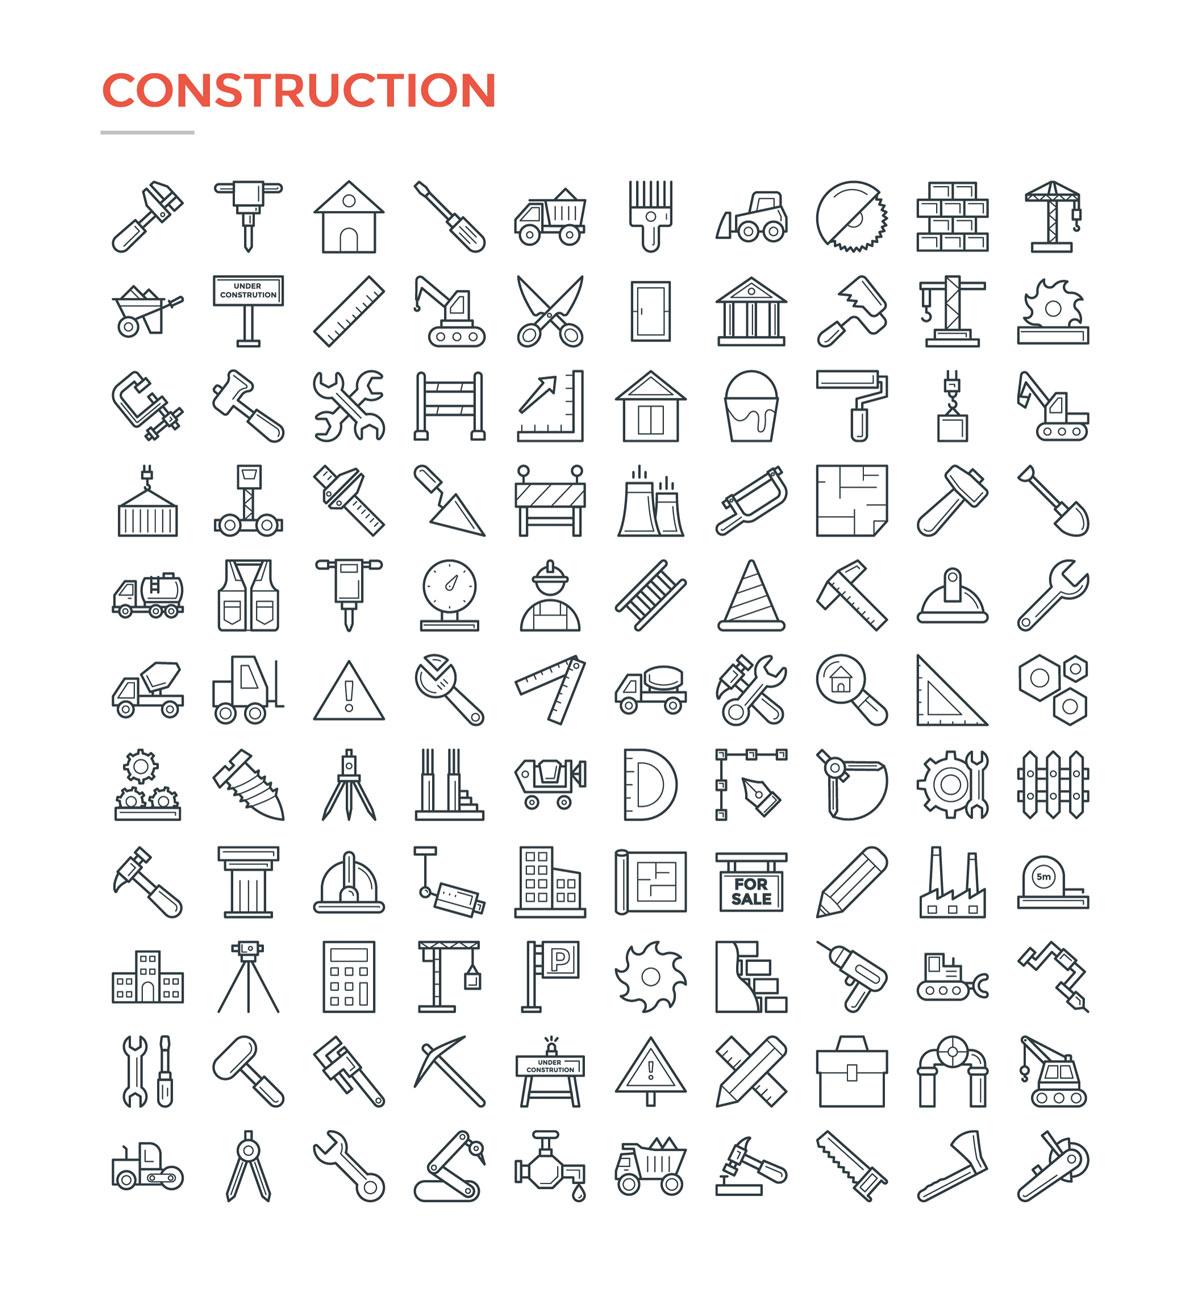 4800款独特的矢量图标合集 4800 Line Icons插图2